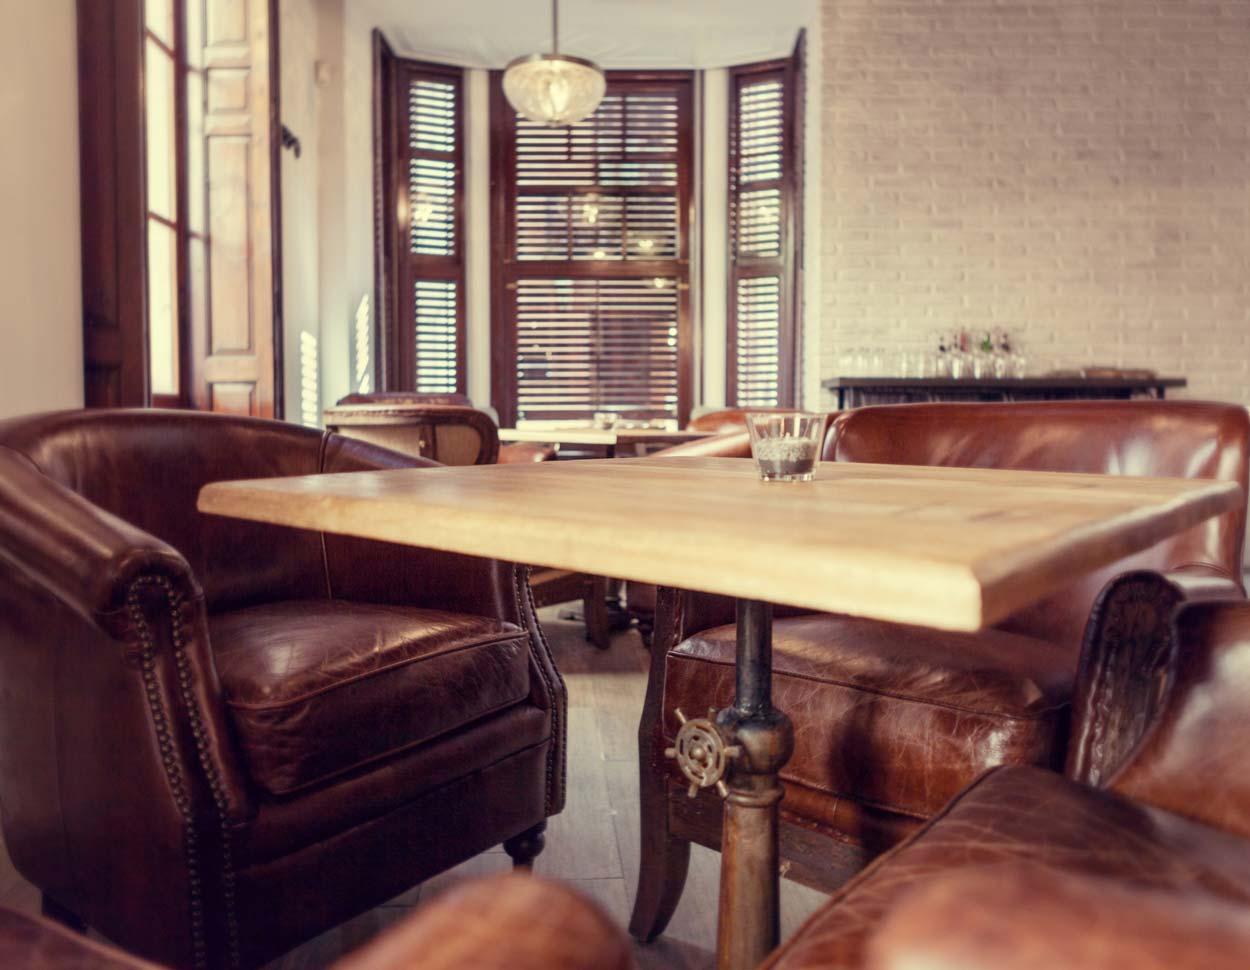 Fotos del mobiliario vintage en la arquitectura de interiores de Forn Le Petit Pain